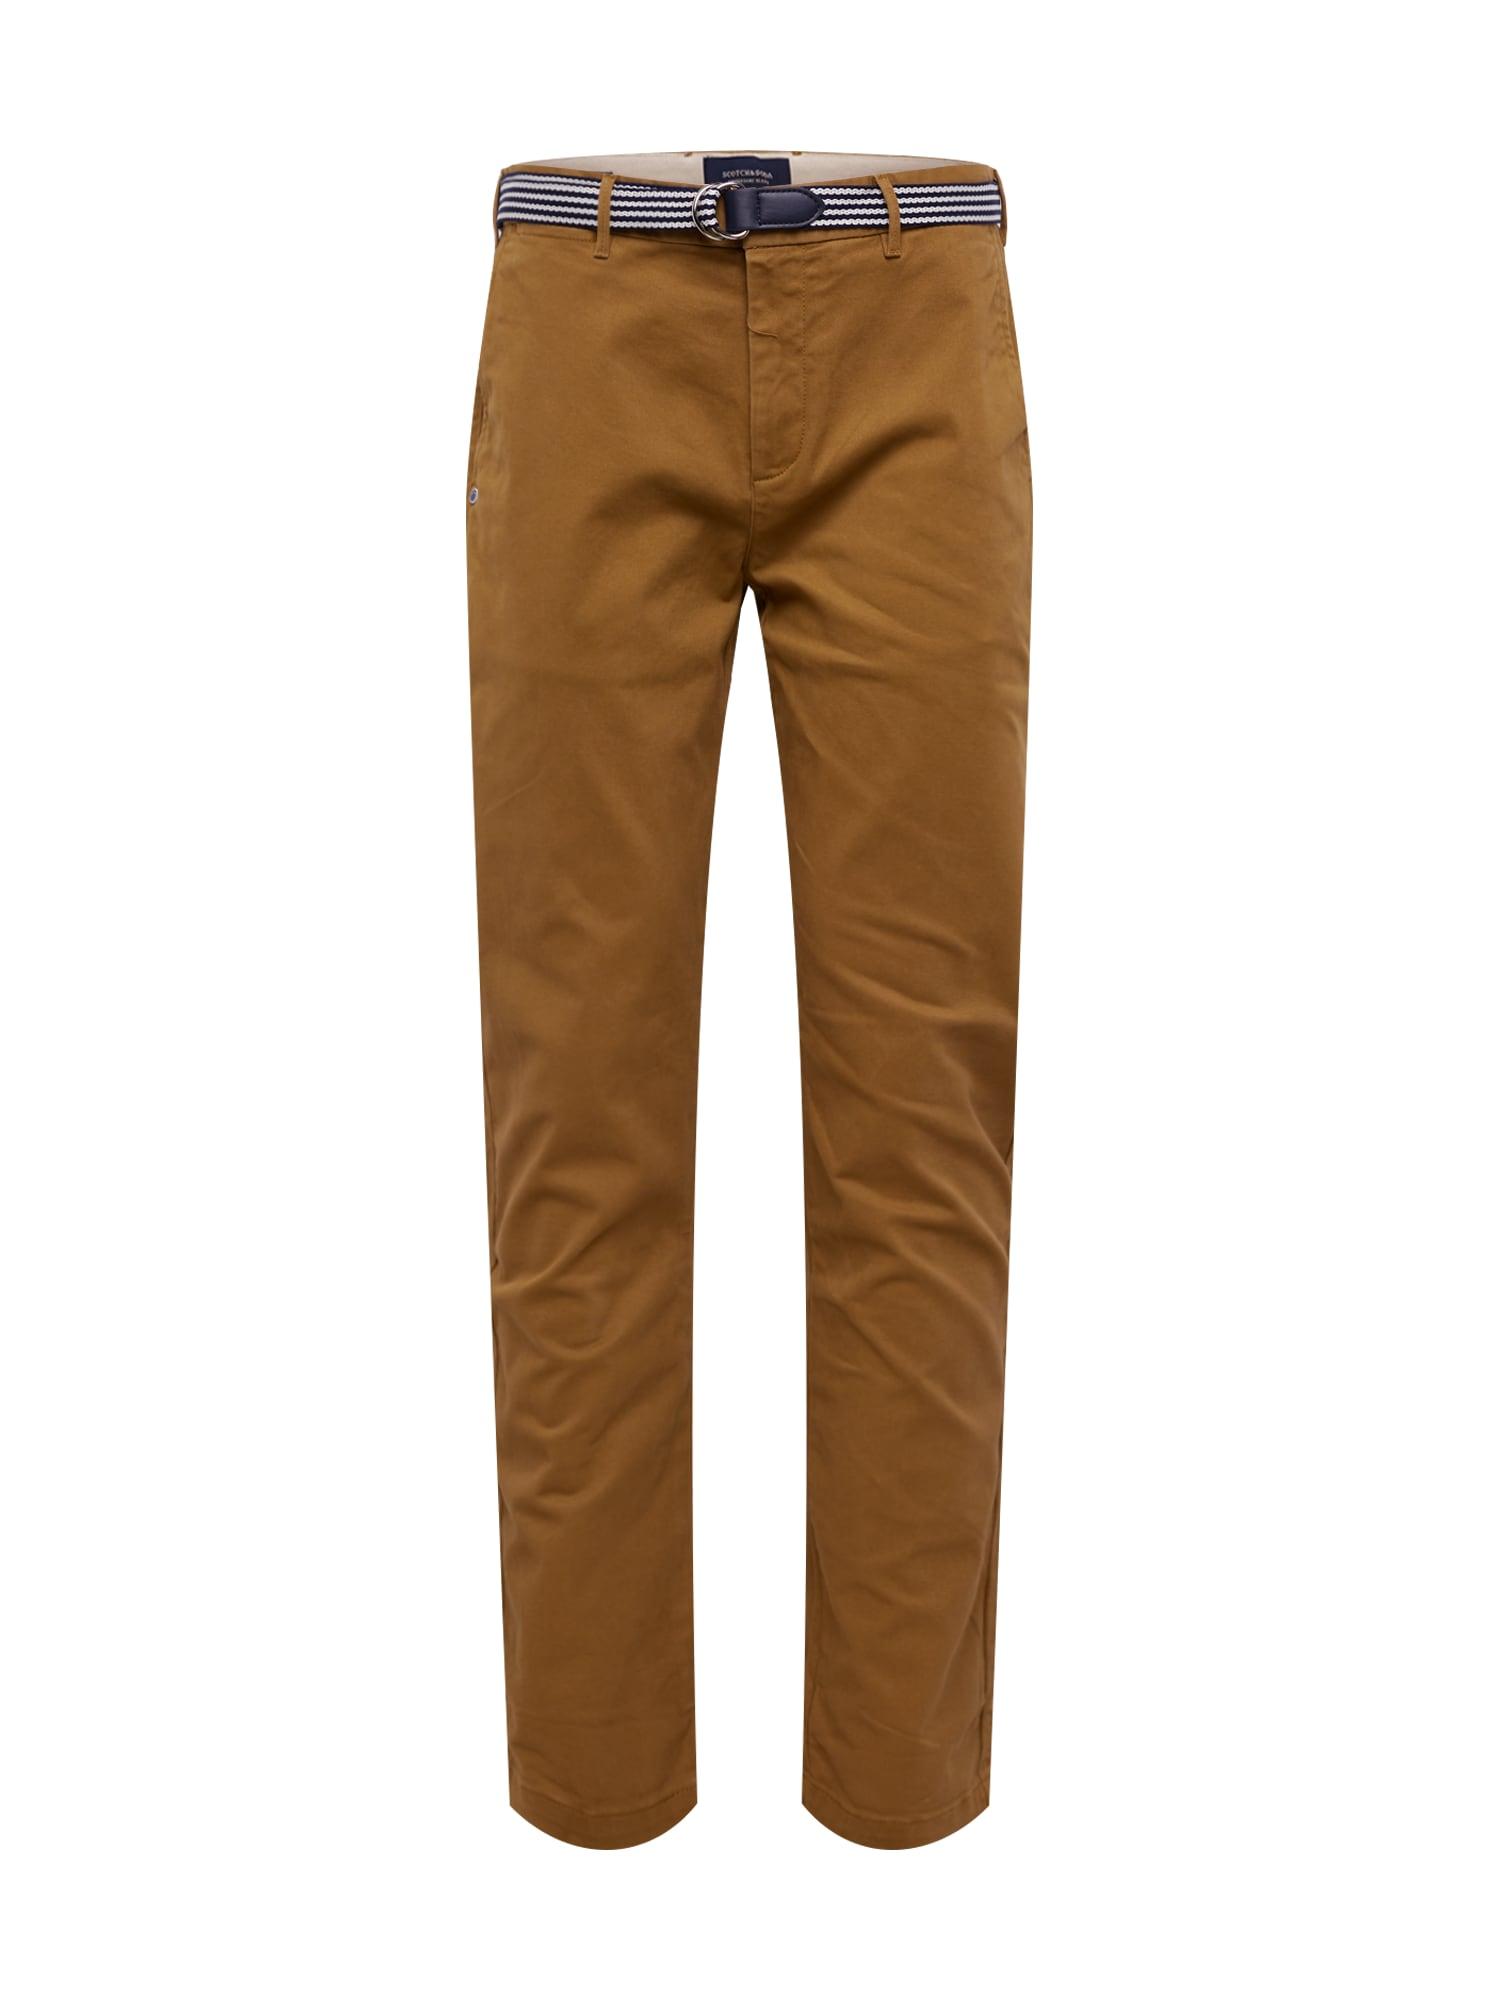 SCOTCH & SODA Chino kalhoty ' Ams Blauw '  světle hnědá